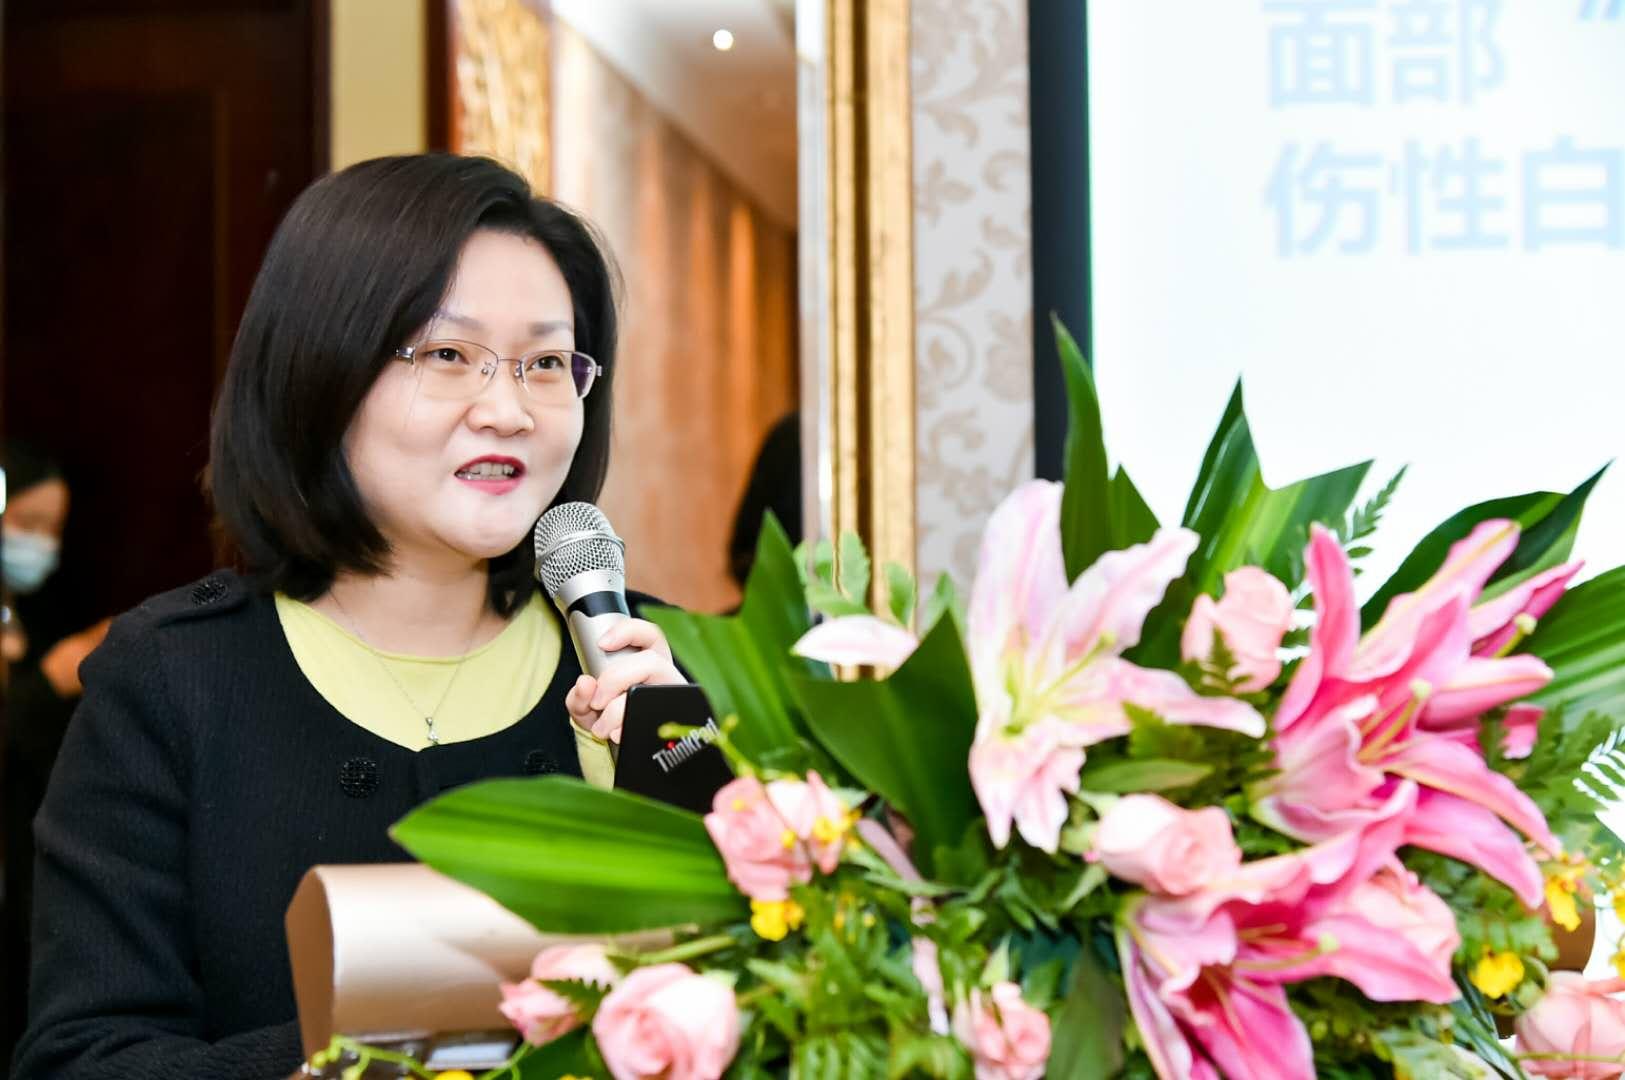 艾格眼科袁媛主任当选湖北省医学会眼科学分会青年委员会首届委员